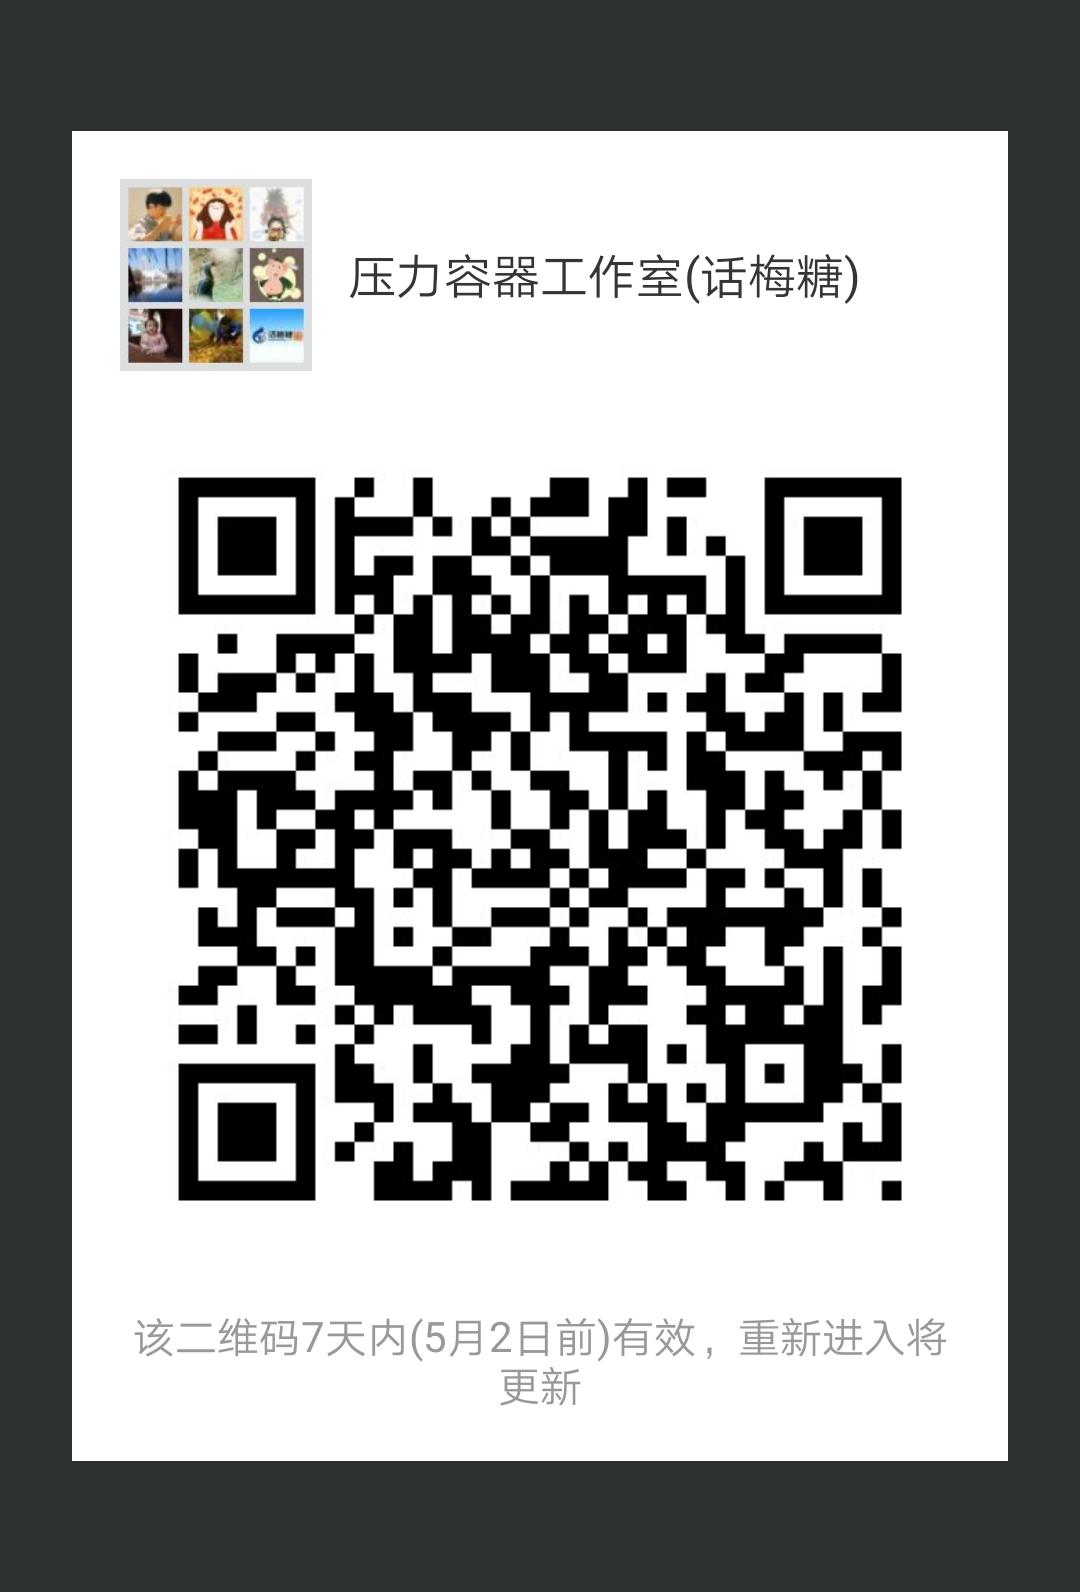 微信图片_20180425141914.png